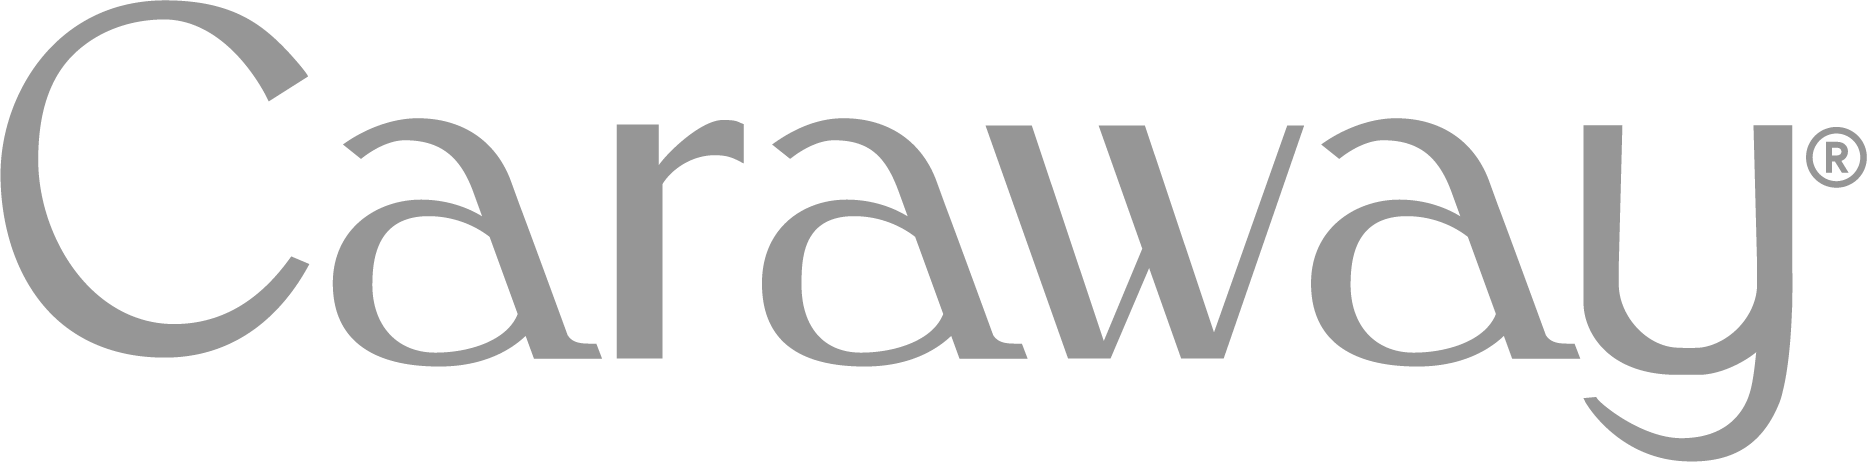 Caraway logo